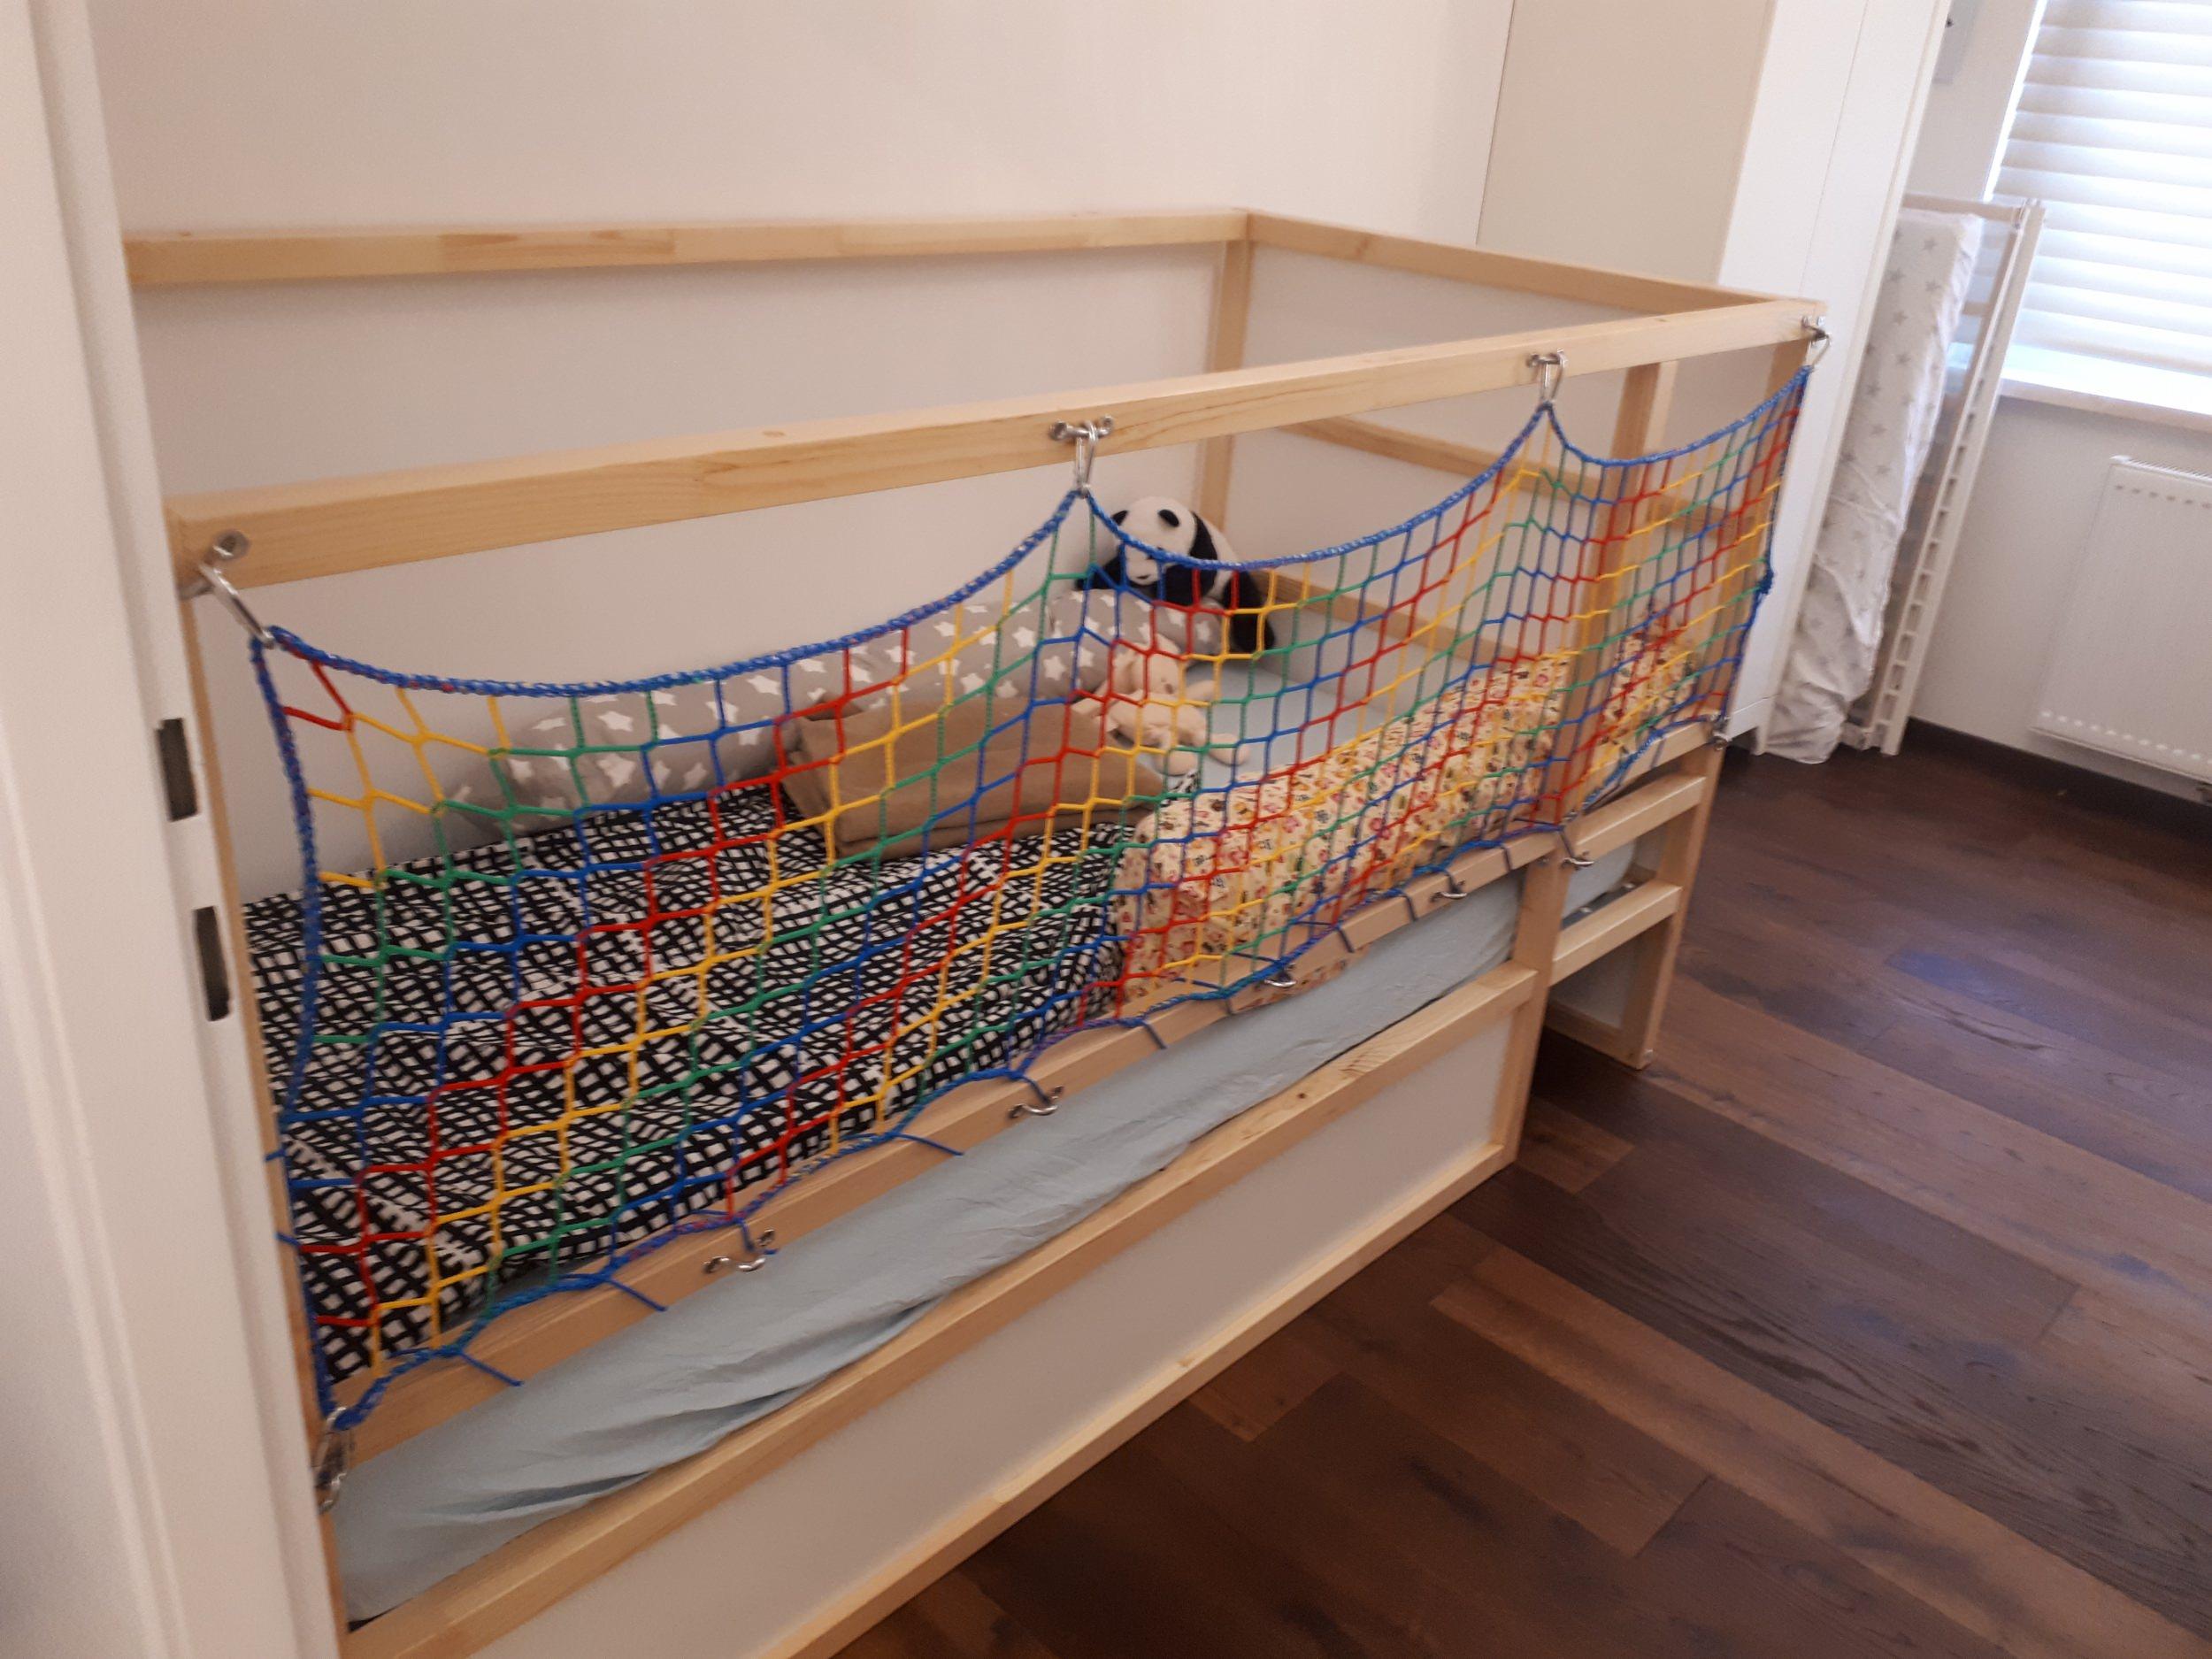 Full Size of Rausfallschutz Selbst Gemacht Selber Machen Hochbett Kinderbett Bett Baby Küche Zusammenstellen Wohnzimmer Rausfallschutz Selbst Gemacht